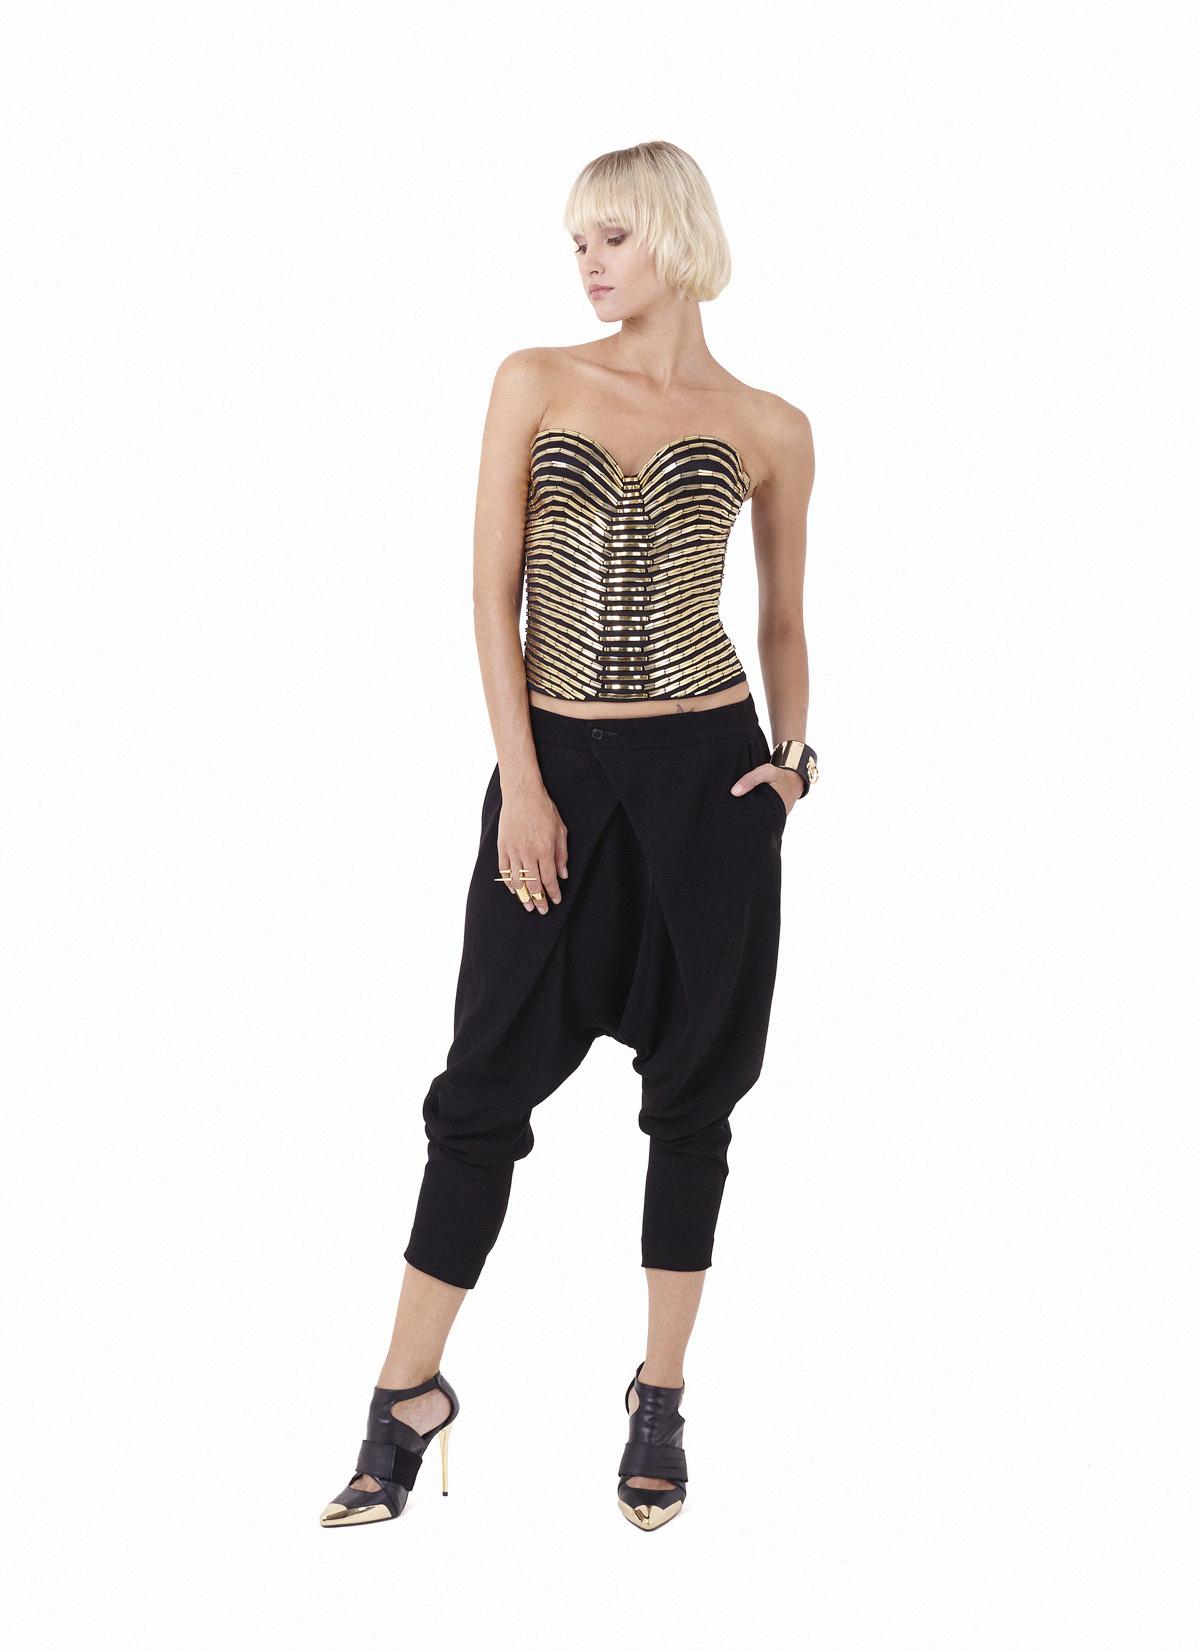 Gold obsidian corset & Ark pants